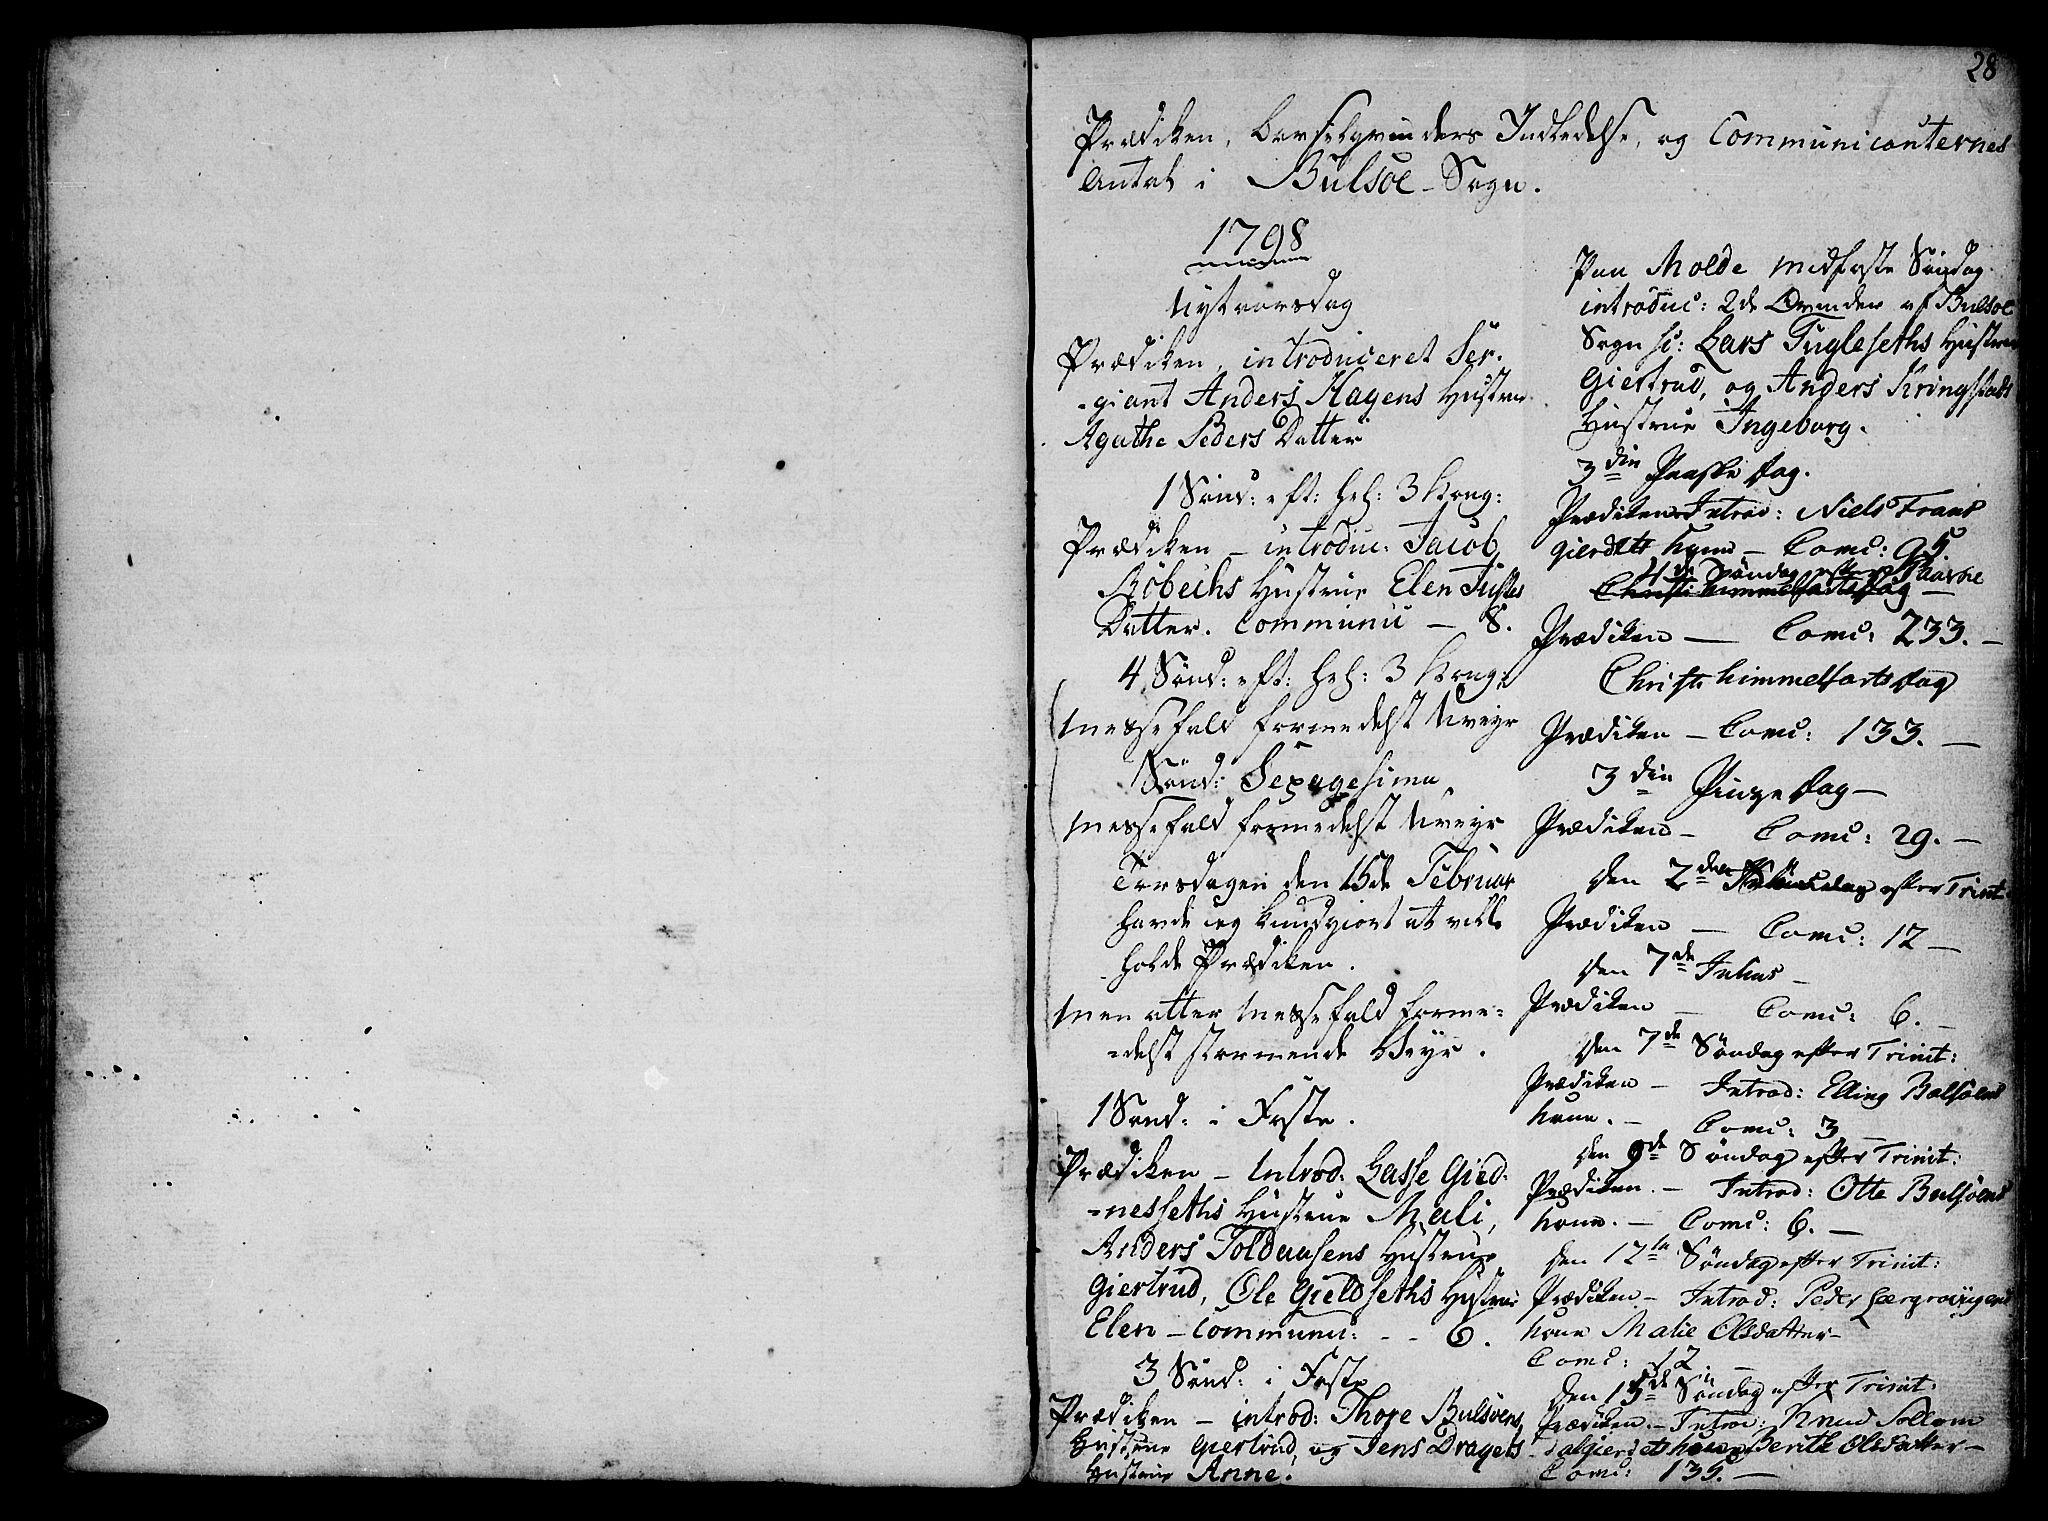 SAT, Ministerialprotokoller, klokkerbøker og fødselsregistre - Møre og Romsdal, 555/L0649: Ministerialbok nr. 555A02 /1, 1795-1821, s. 28